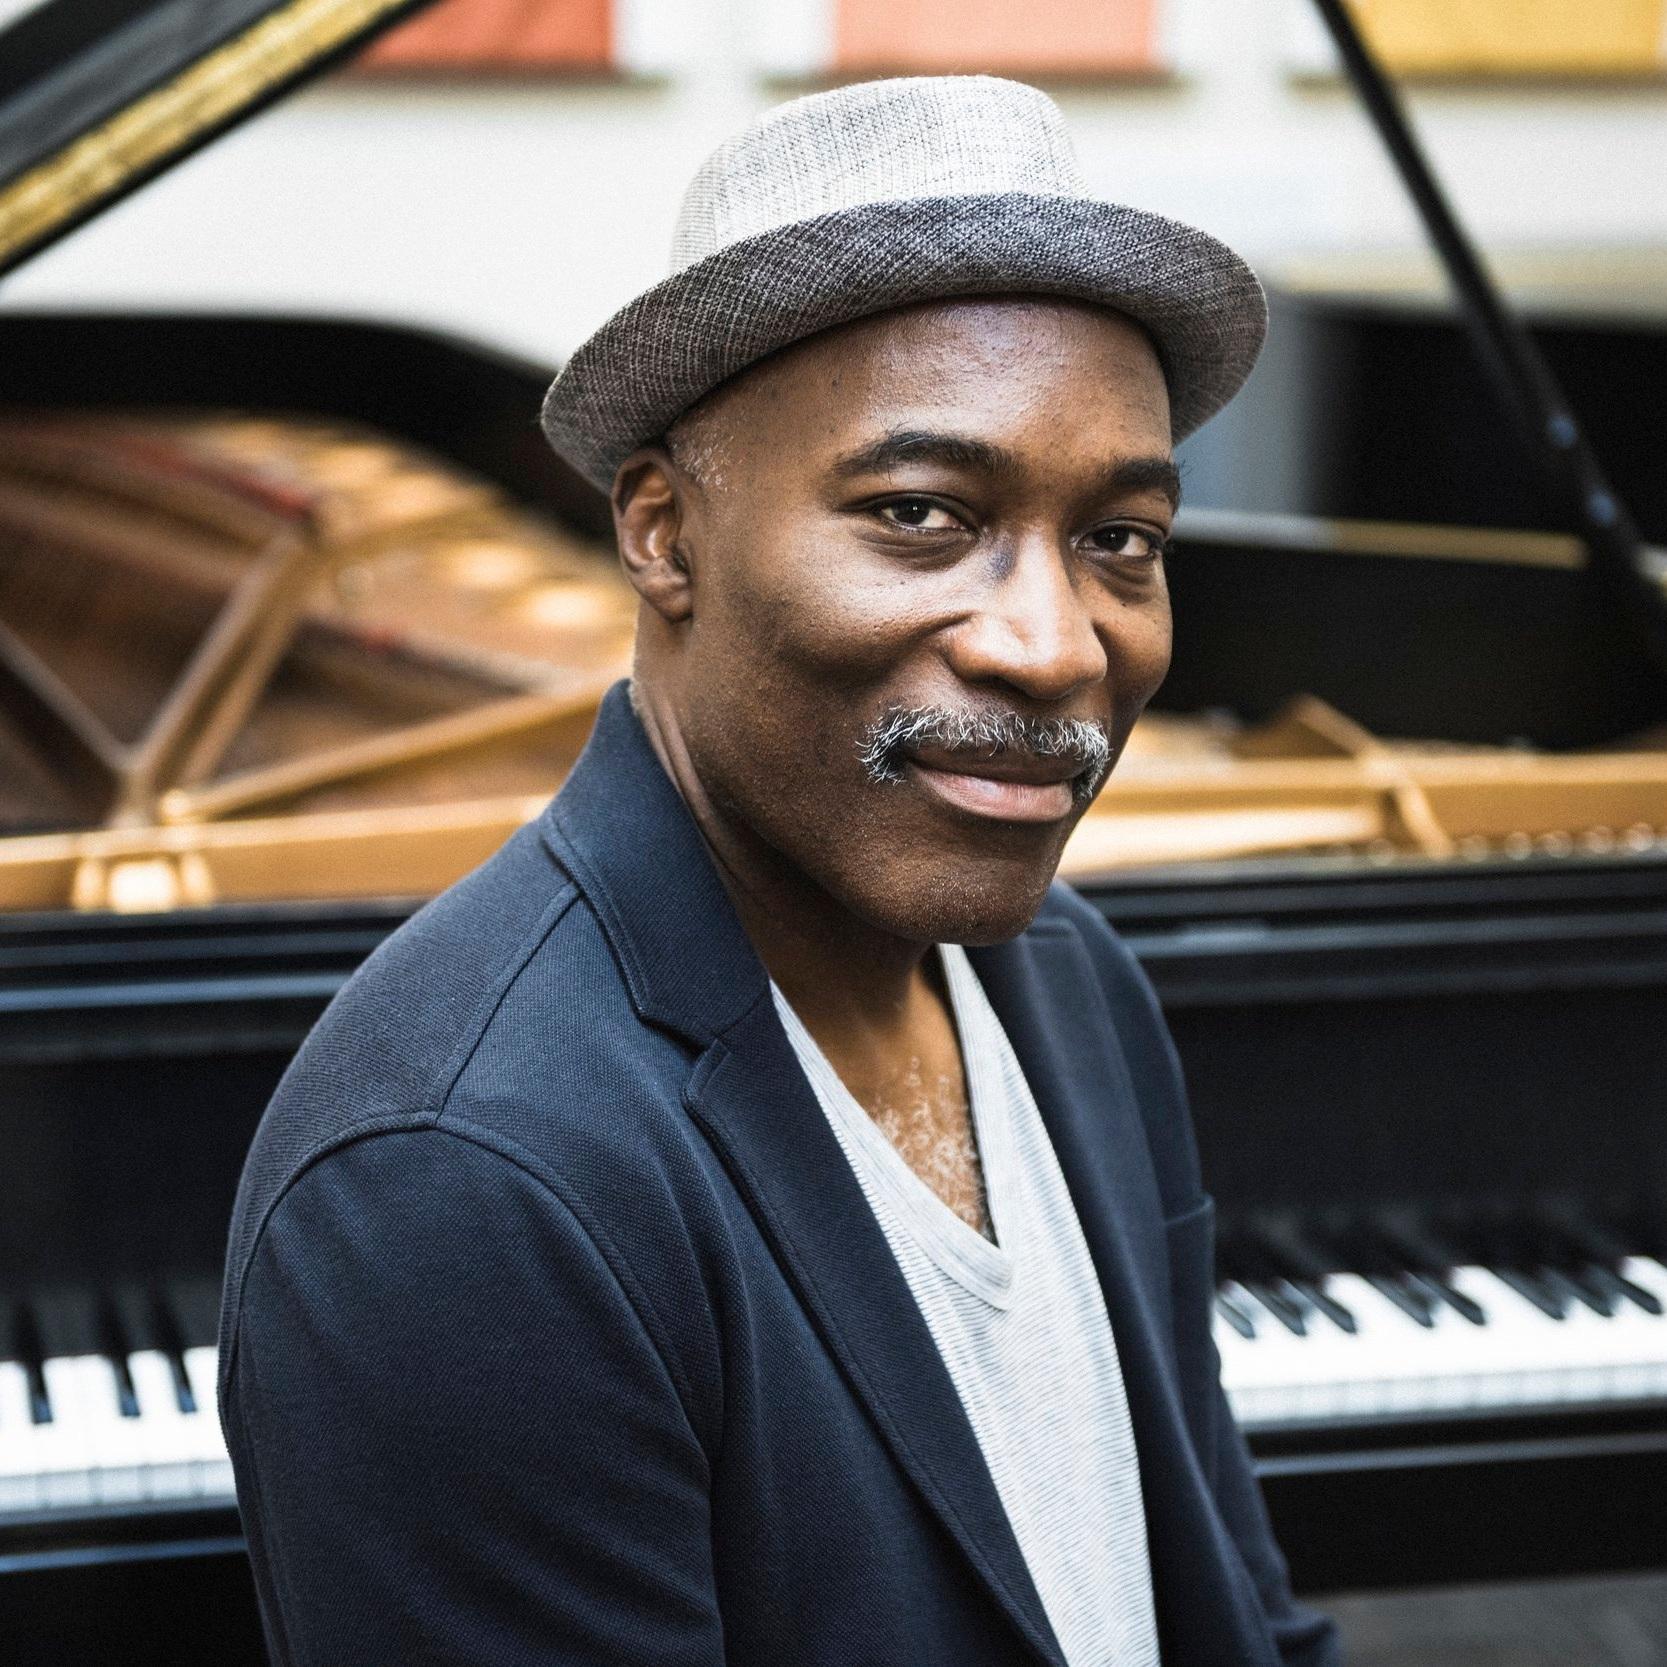 Darrell Grant, composer